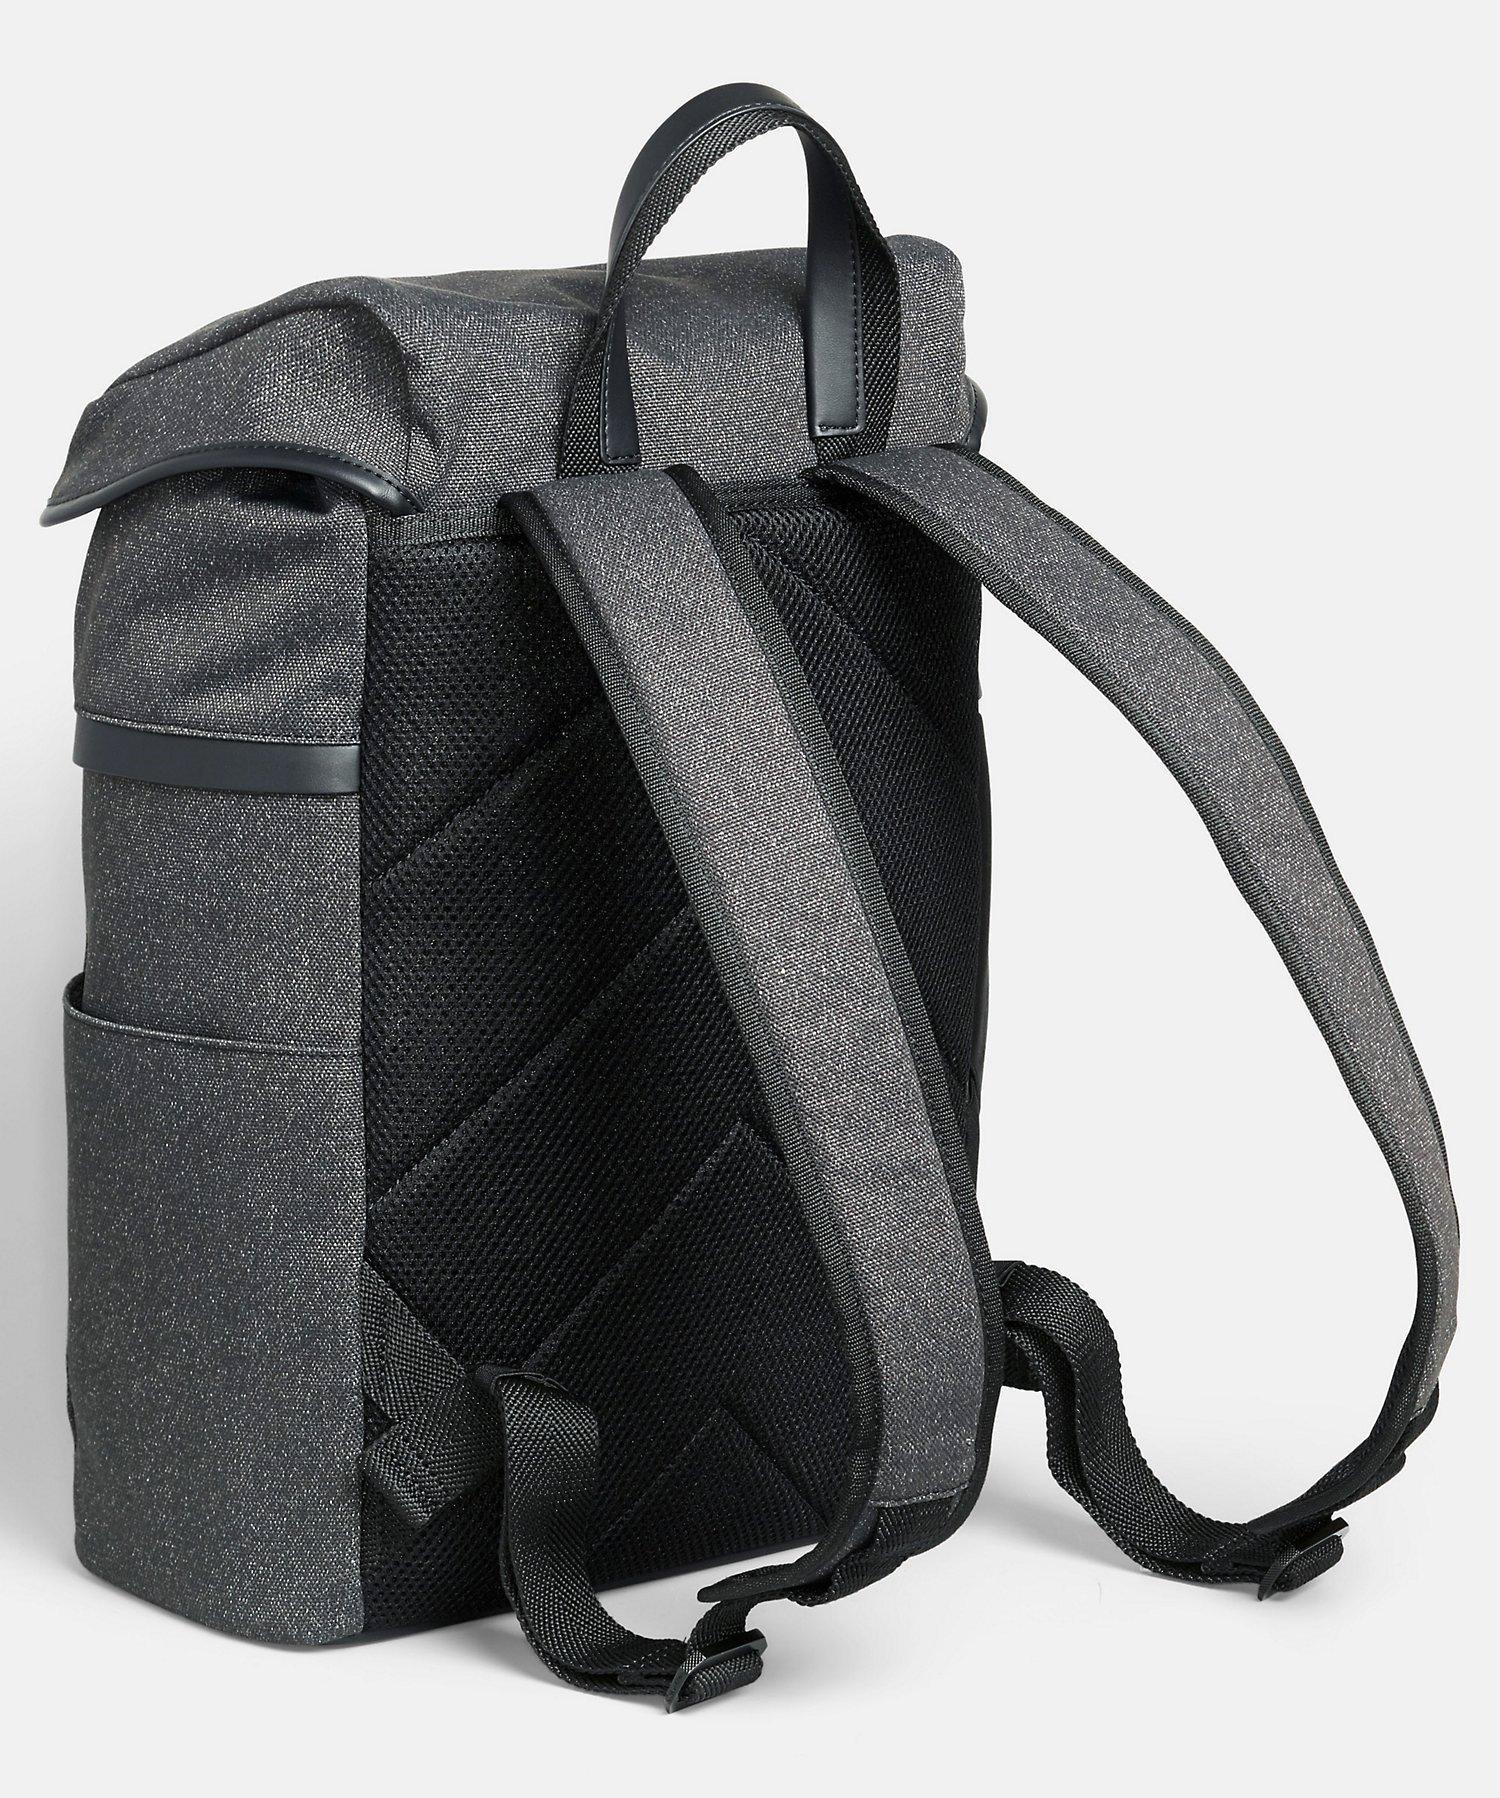 Calvin Klein Mens Weekender Travel Laptop Backpack Bag by Calvin Klein (Image #4)